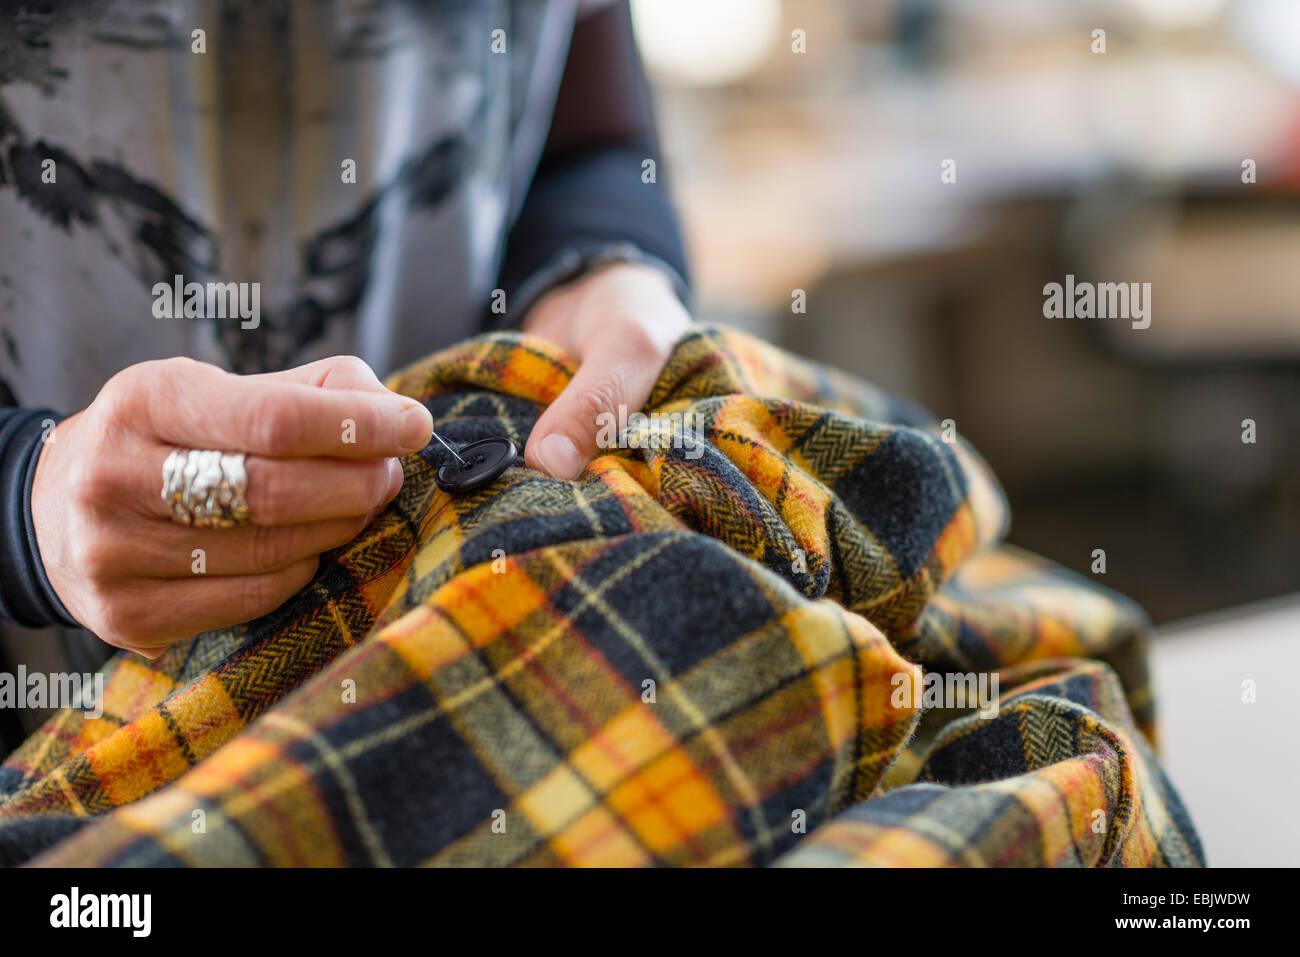 Cerca de coser a mano costurera botón en tartan chaqueta en el taller Imagen De Stock